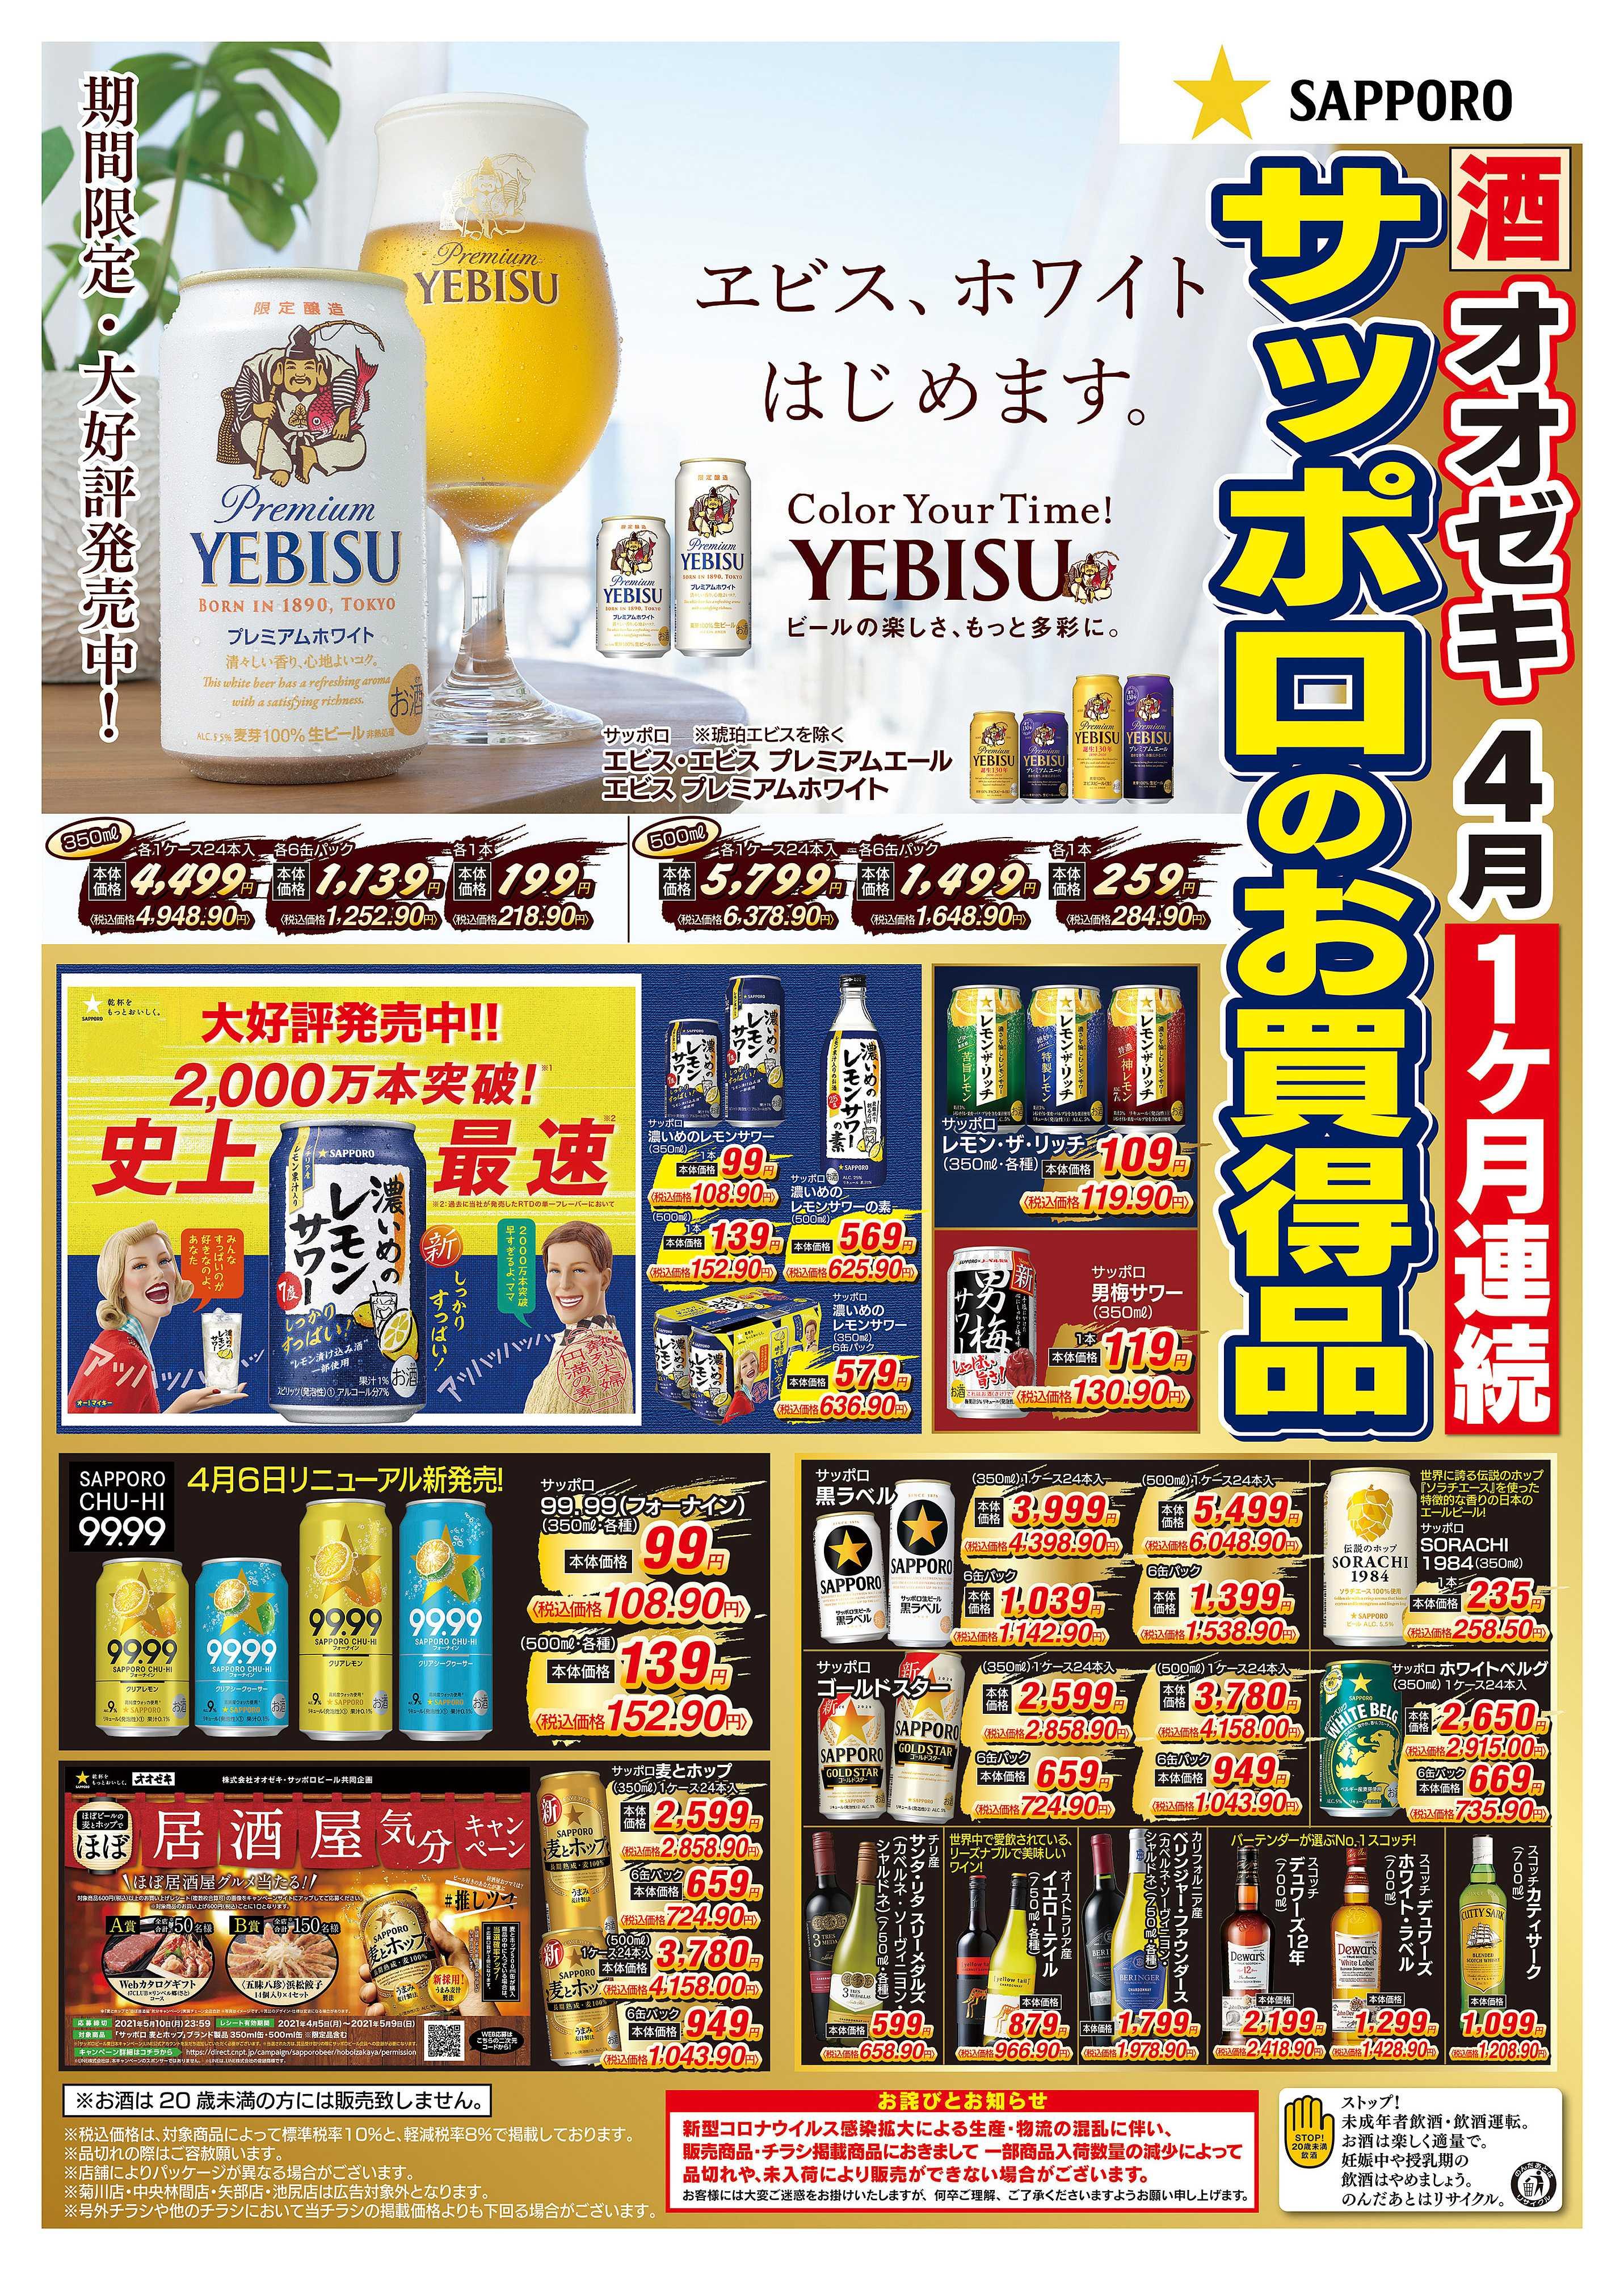 オオゼキ 4月 1ヶ月連続 酒 サッポロのお買得品